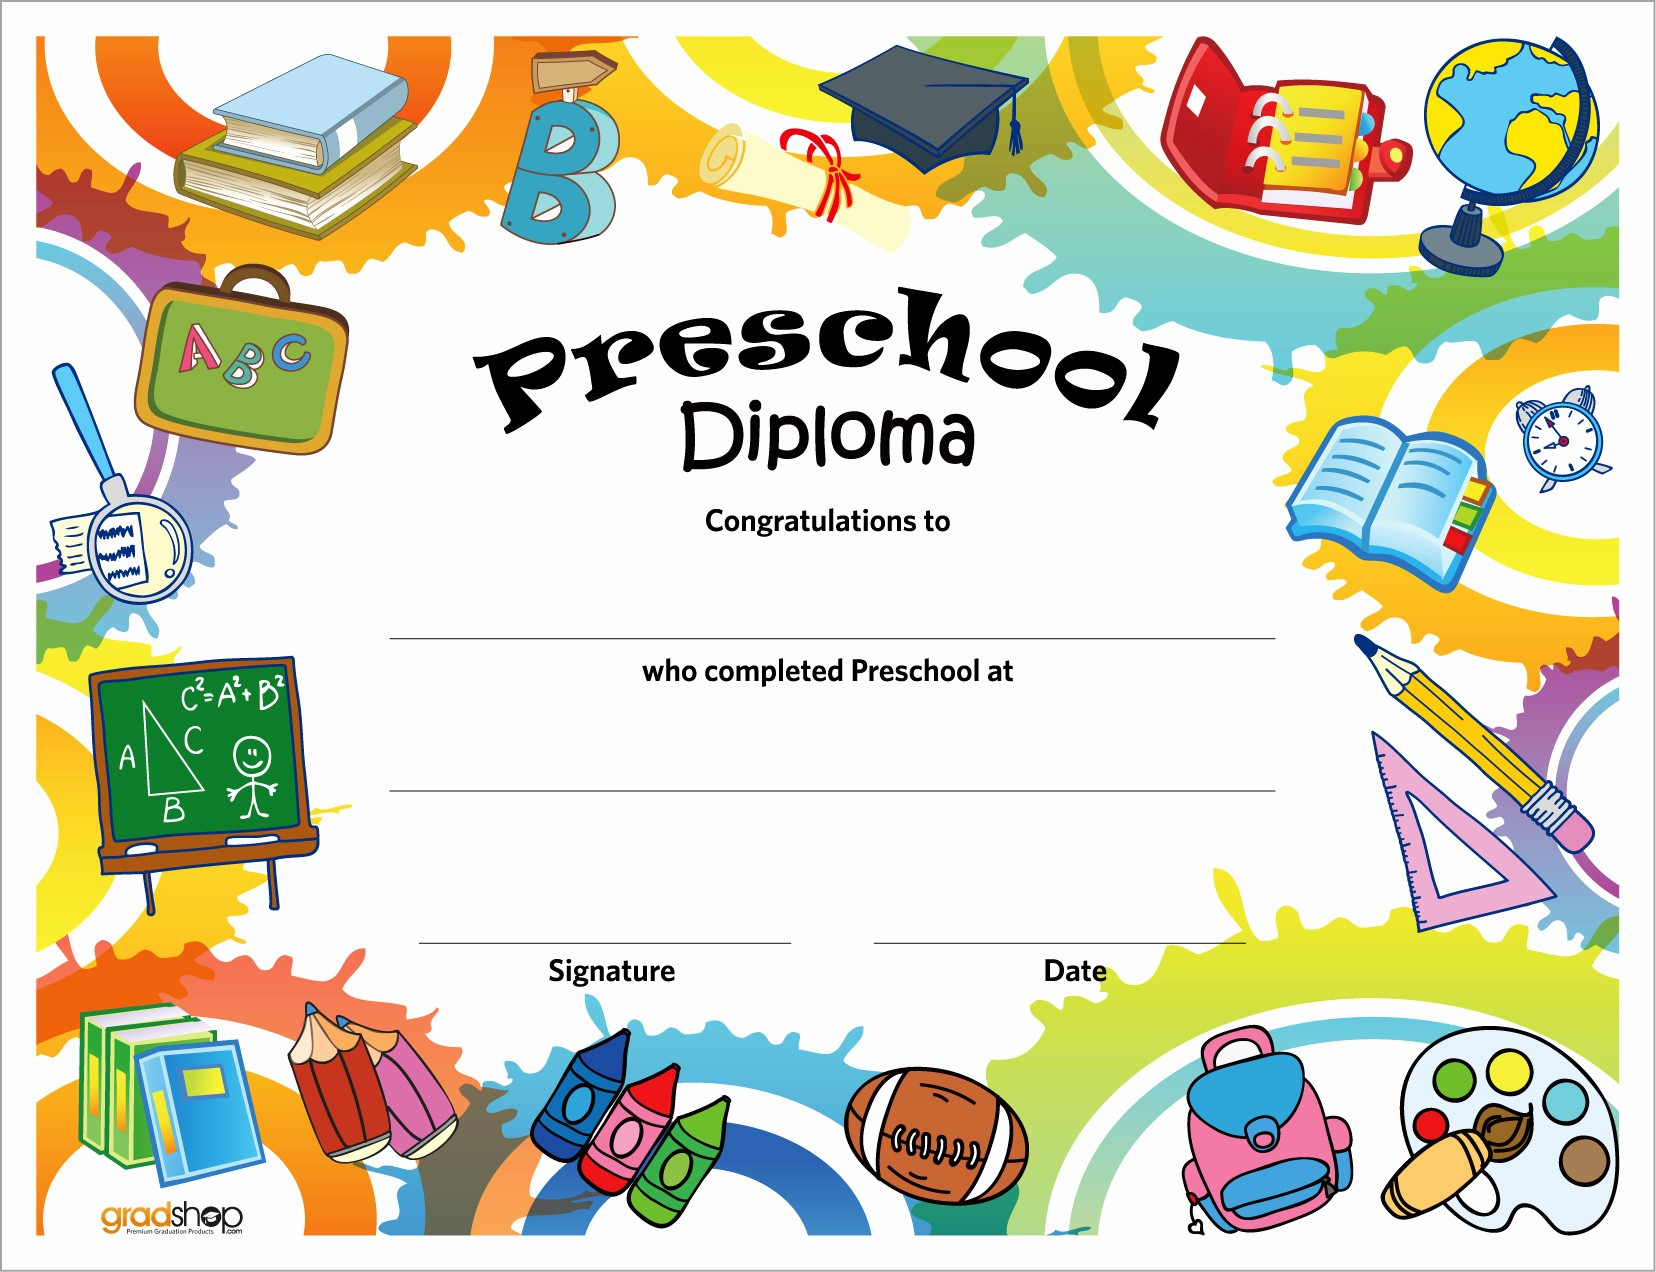 Preschool Graduation Certificate Free Printable Awesome 6 Best Of Preschool Graduation Certificates Free